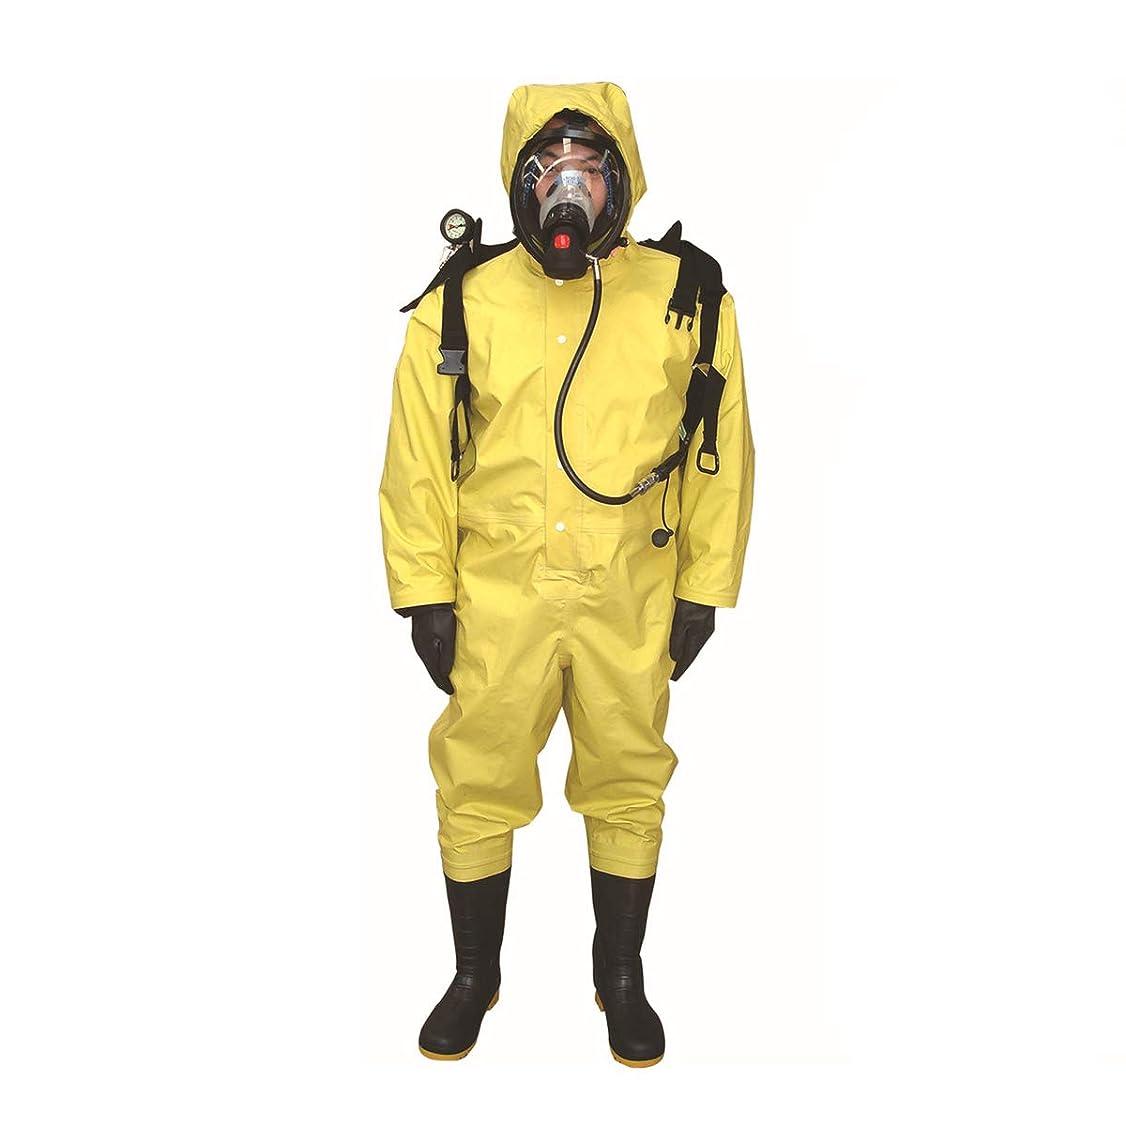 誤解ハーフ管理化学防護服 保護服 放射性防護衣 耐酸 耐薬品 オレンジ 化学物質が直接皮膚にばく接触せず S/M / L/XL